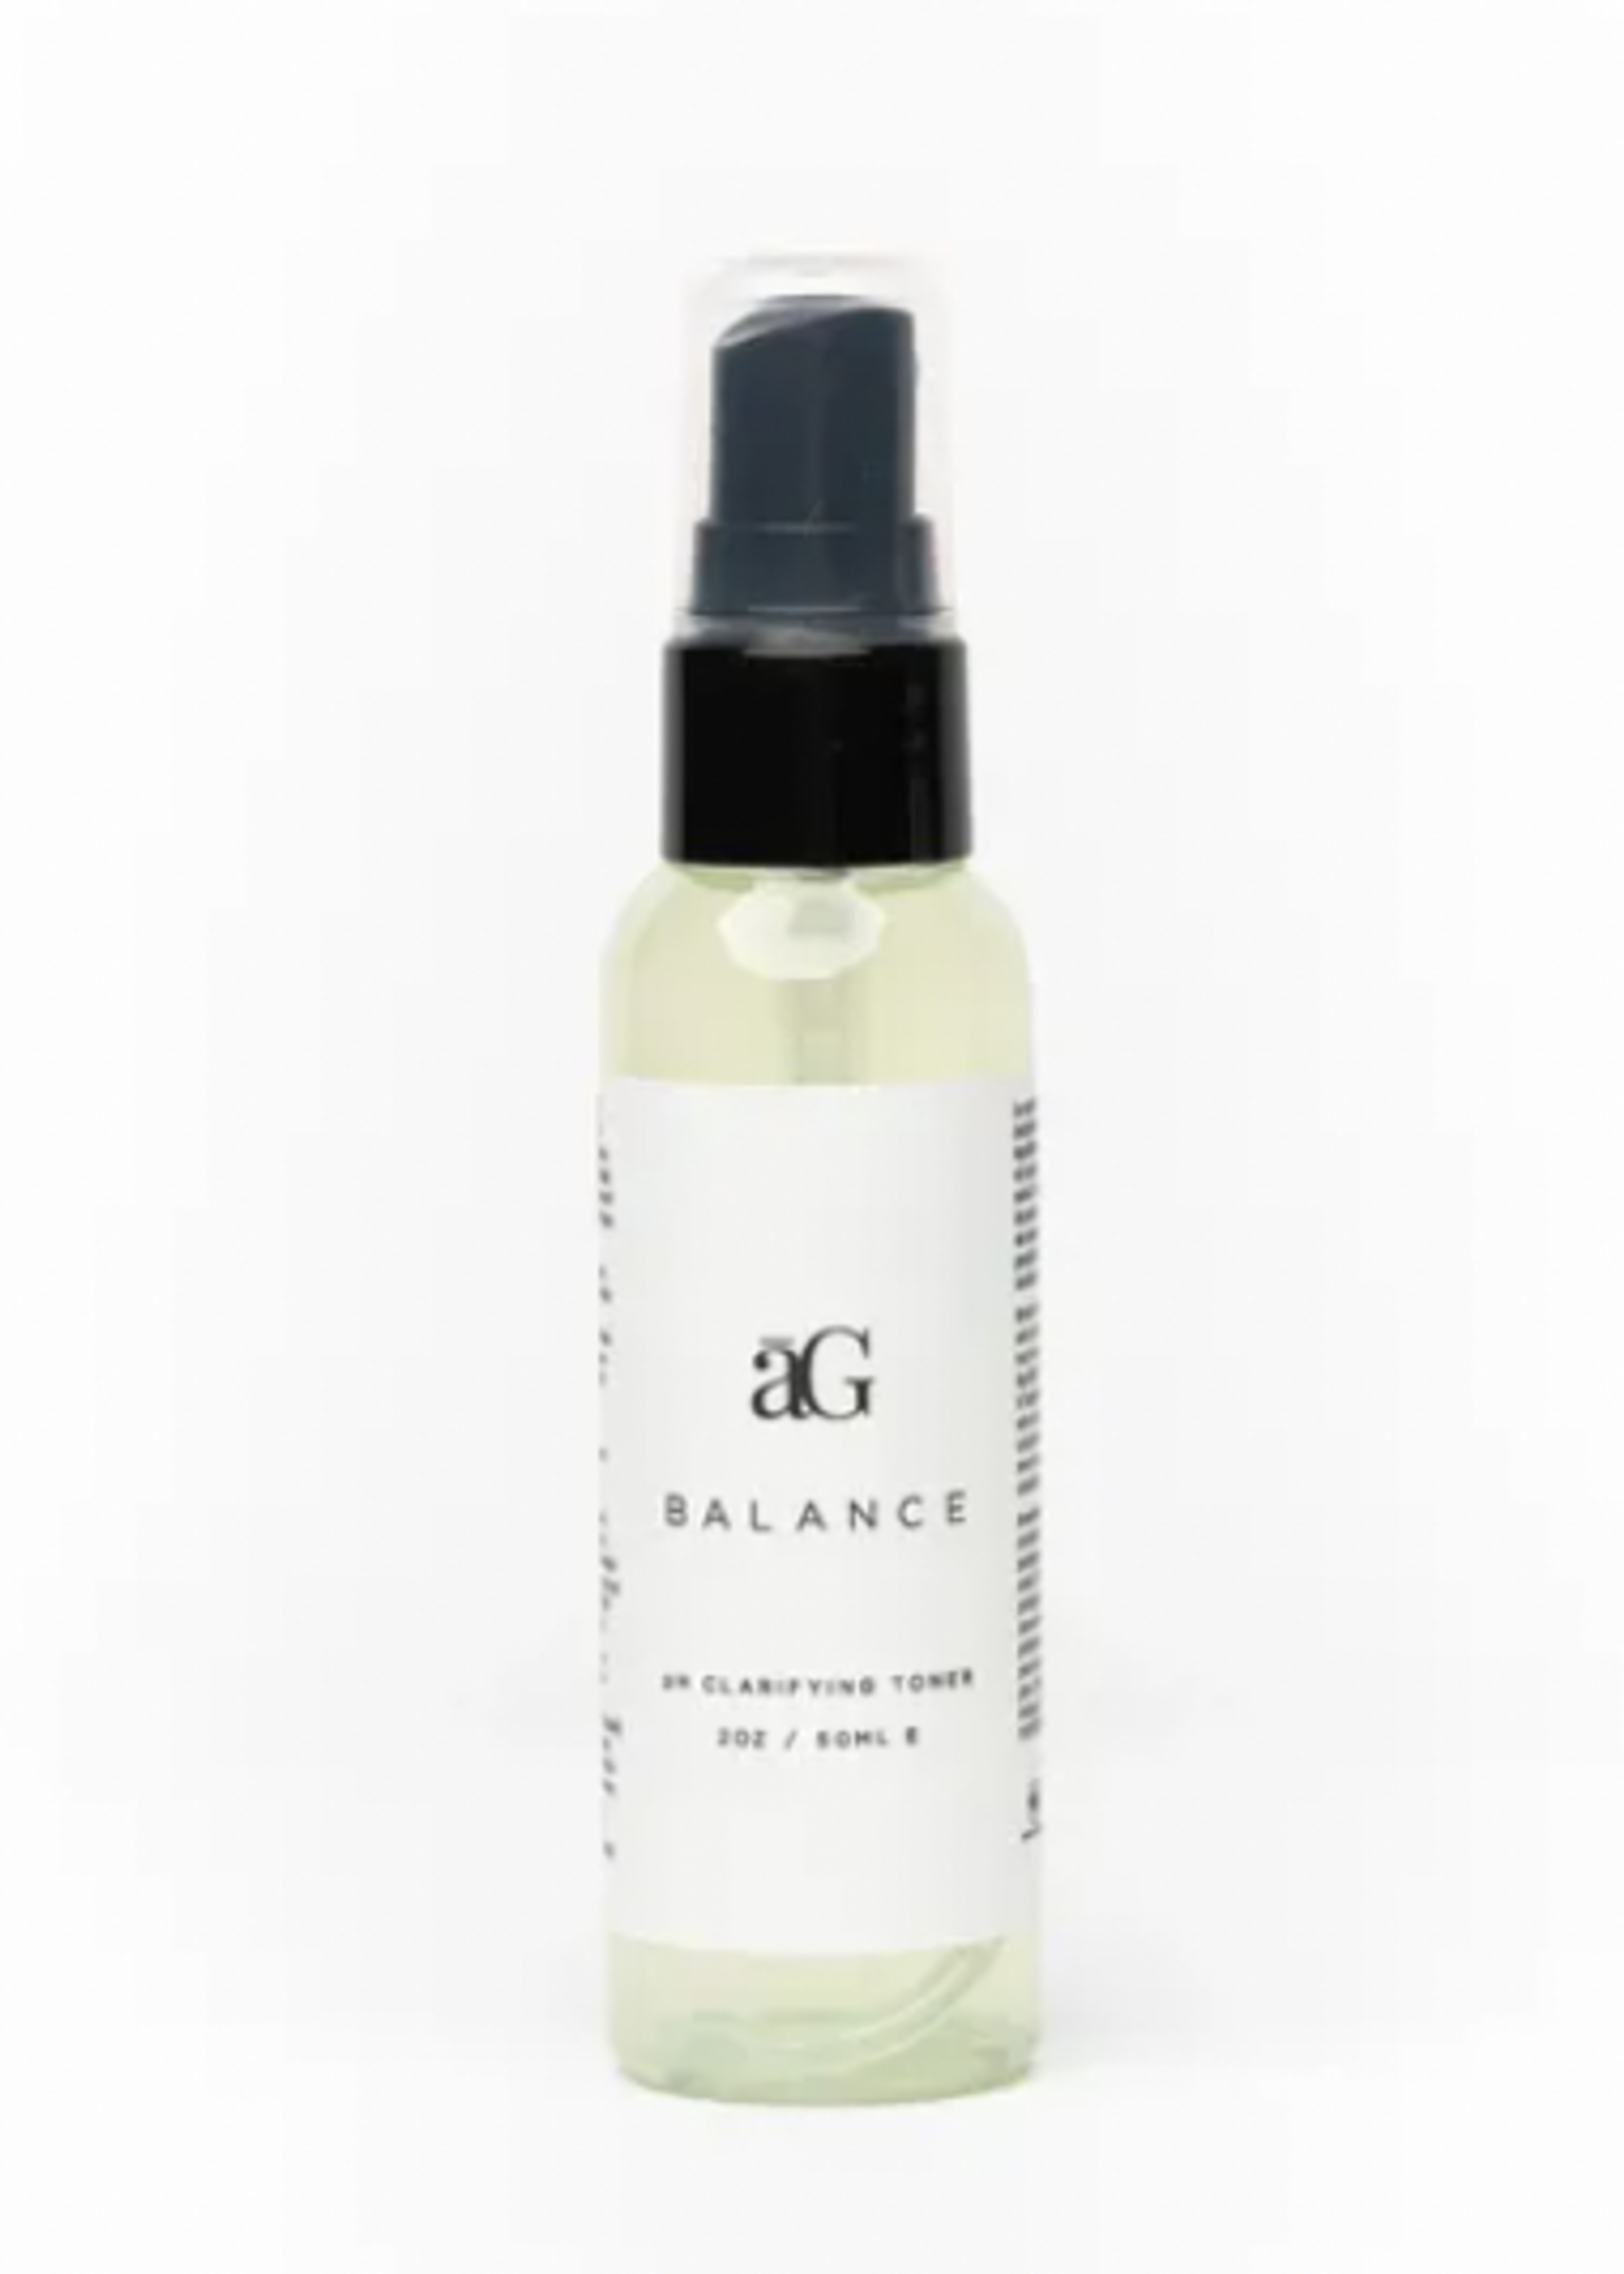 AG Sunless Balance Spray | Mini